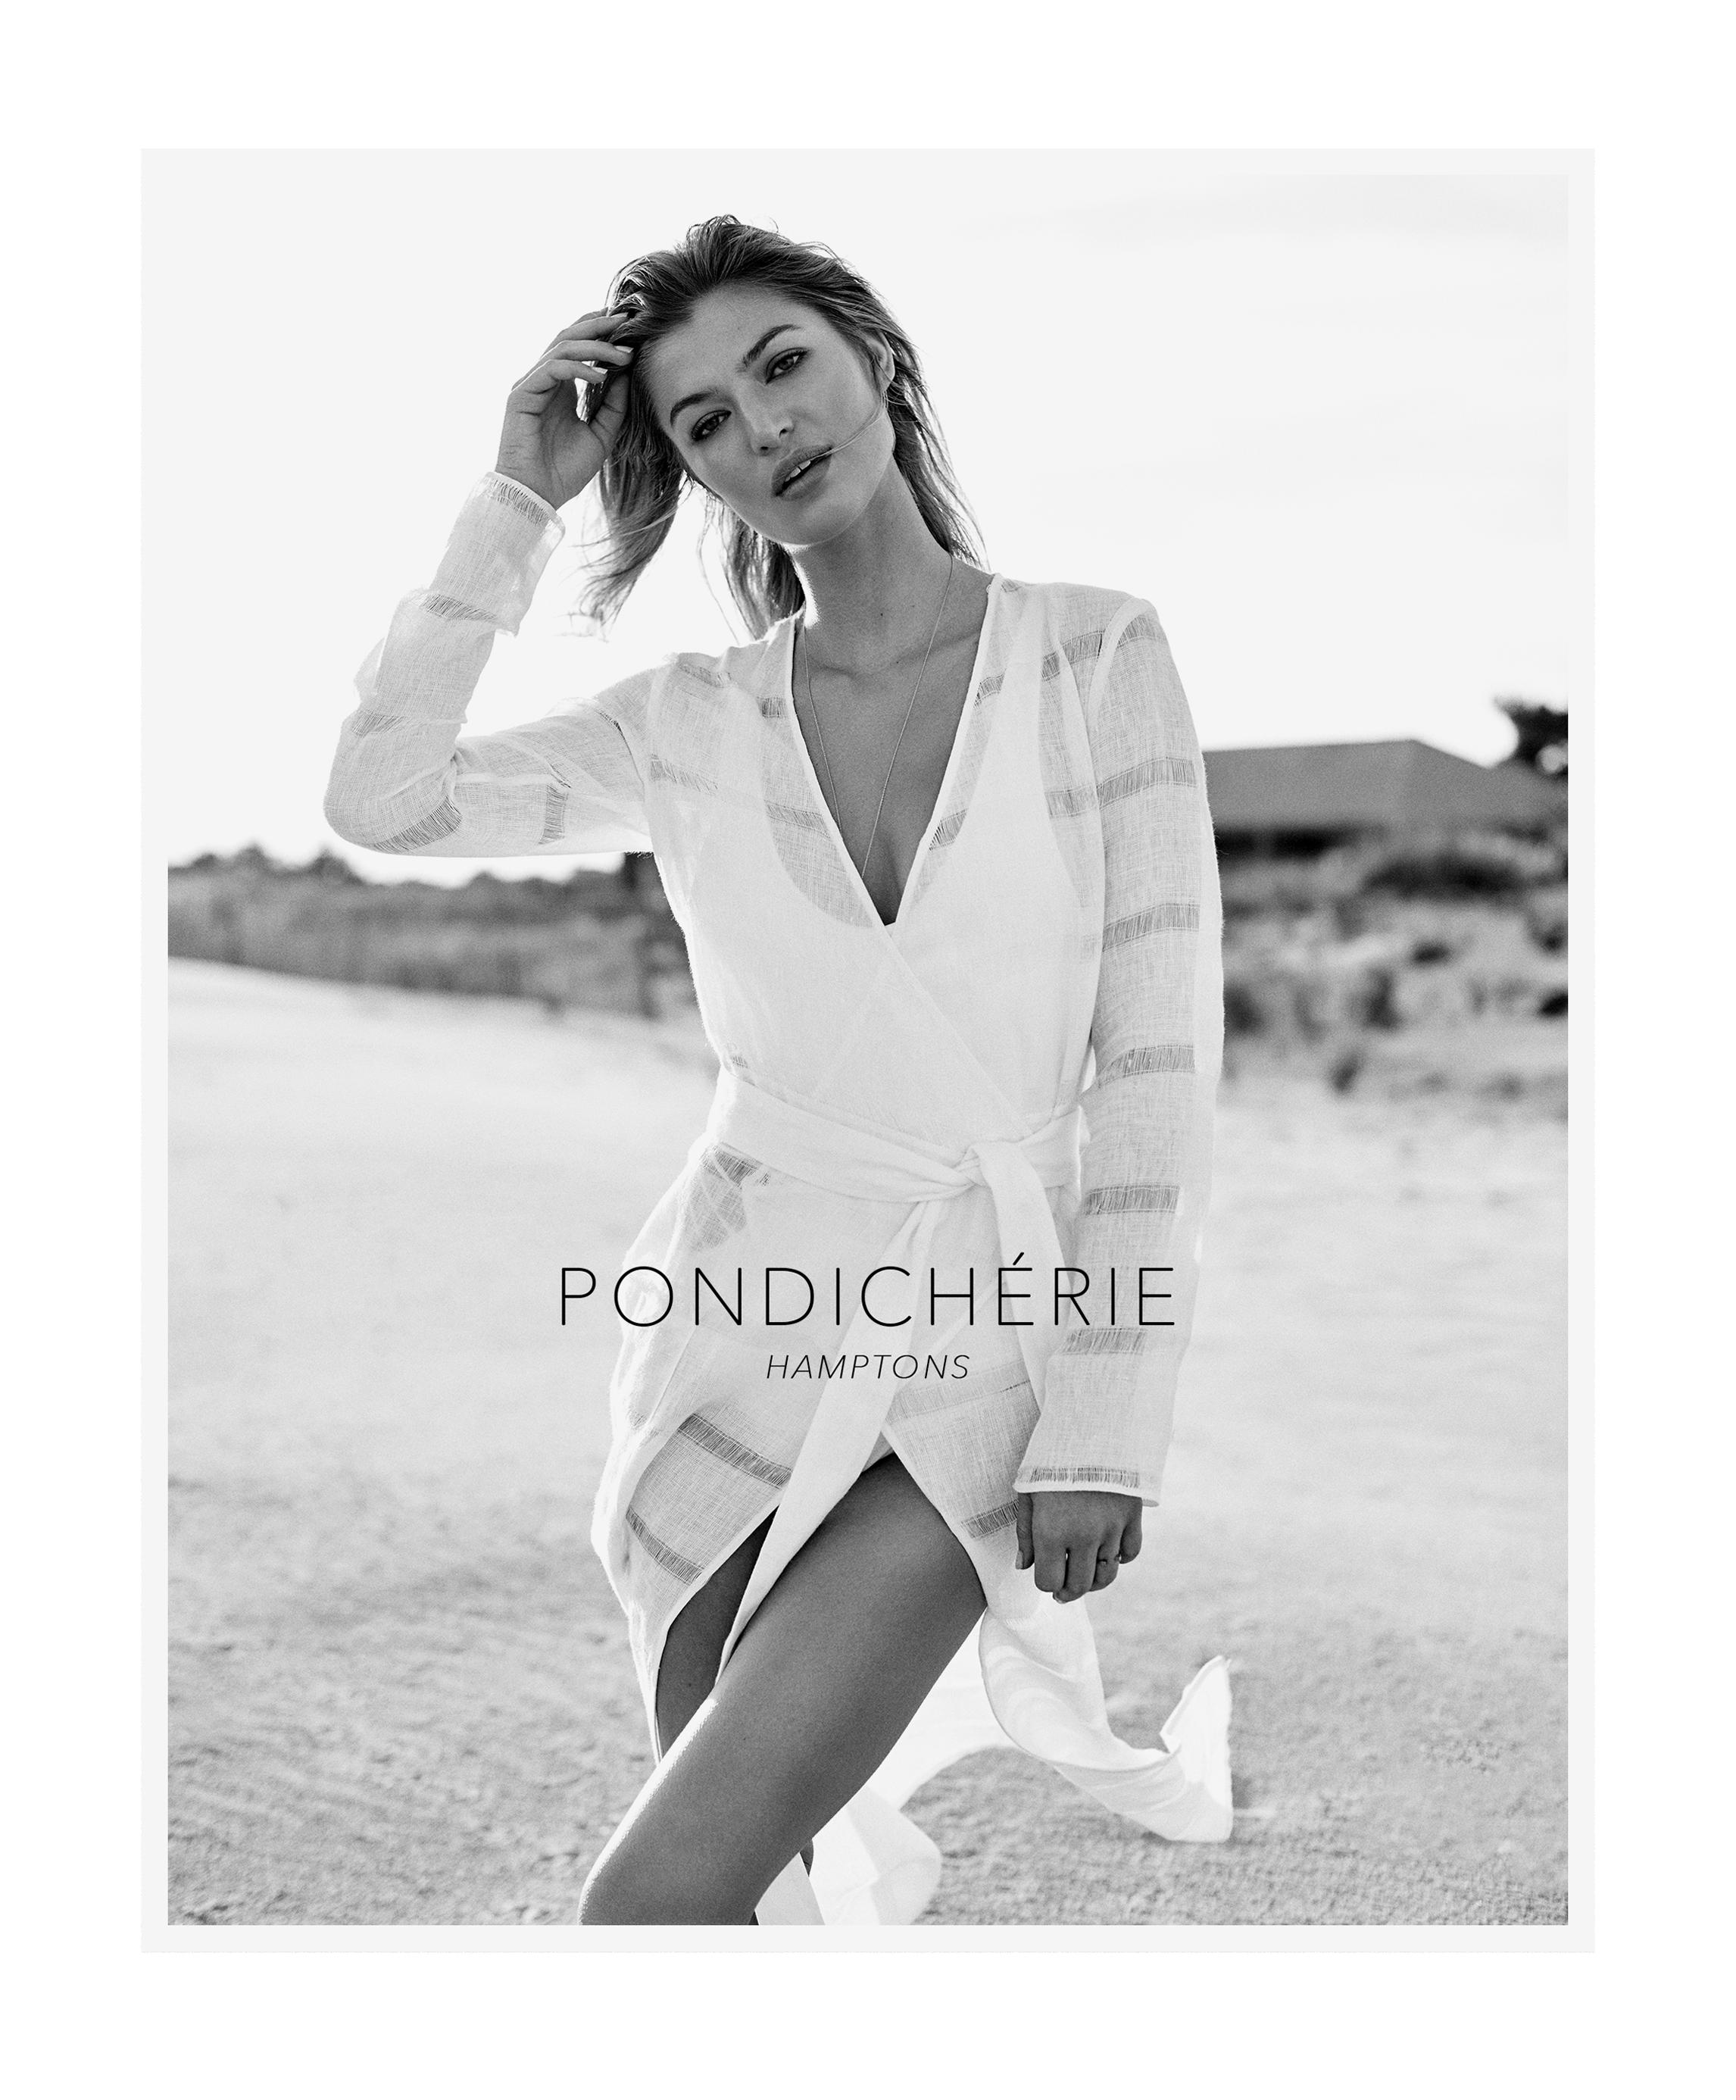 Pondicherié